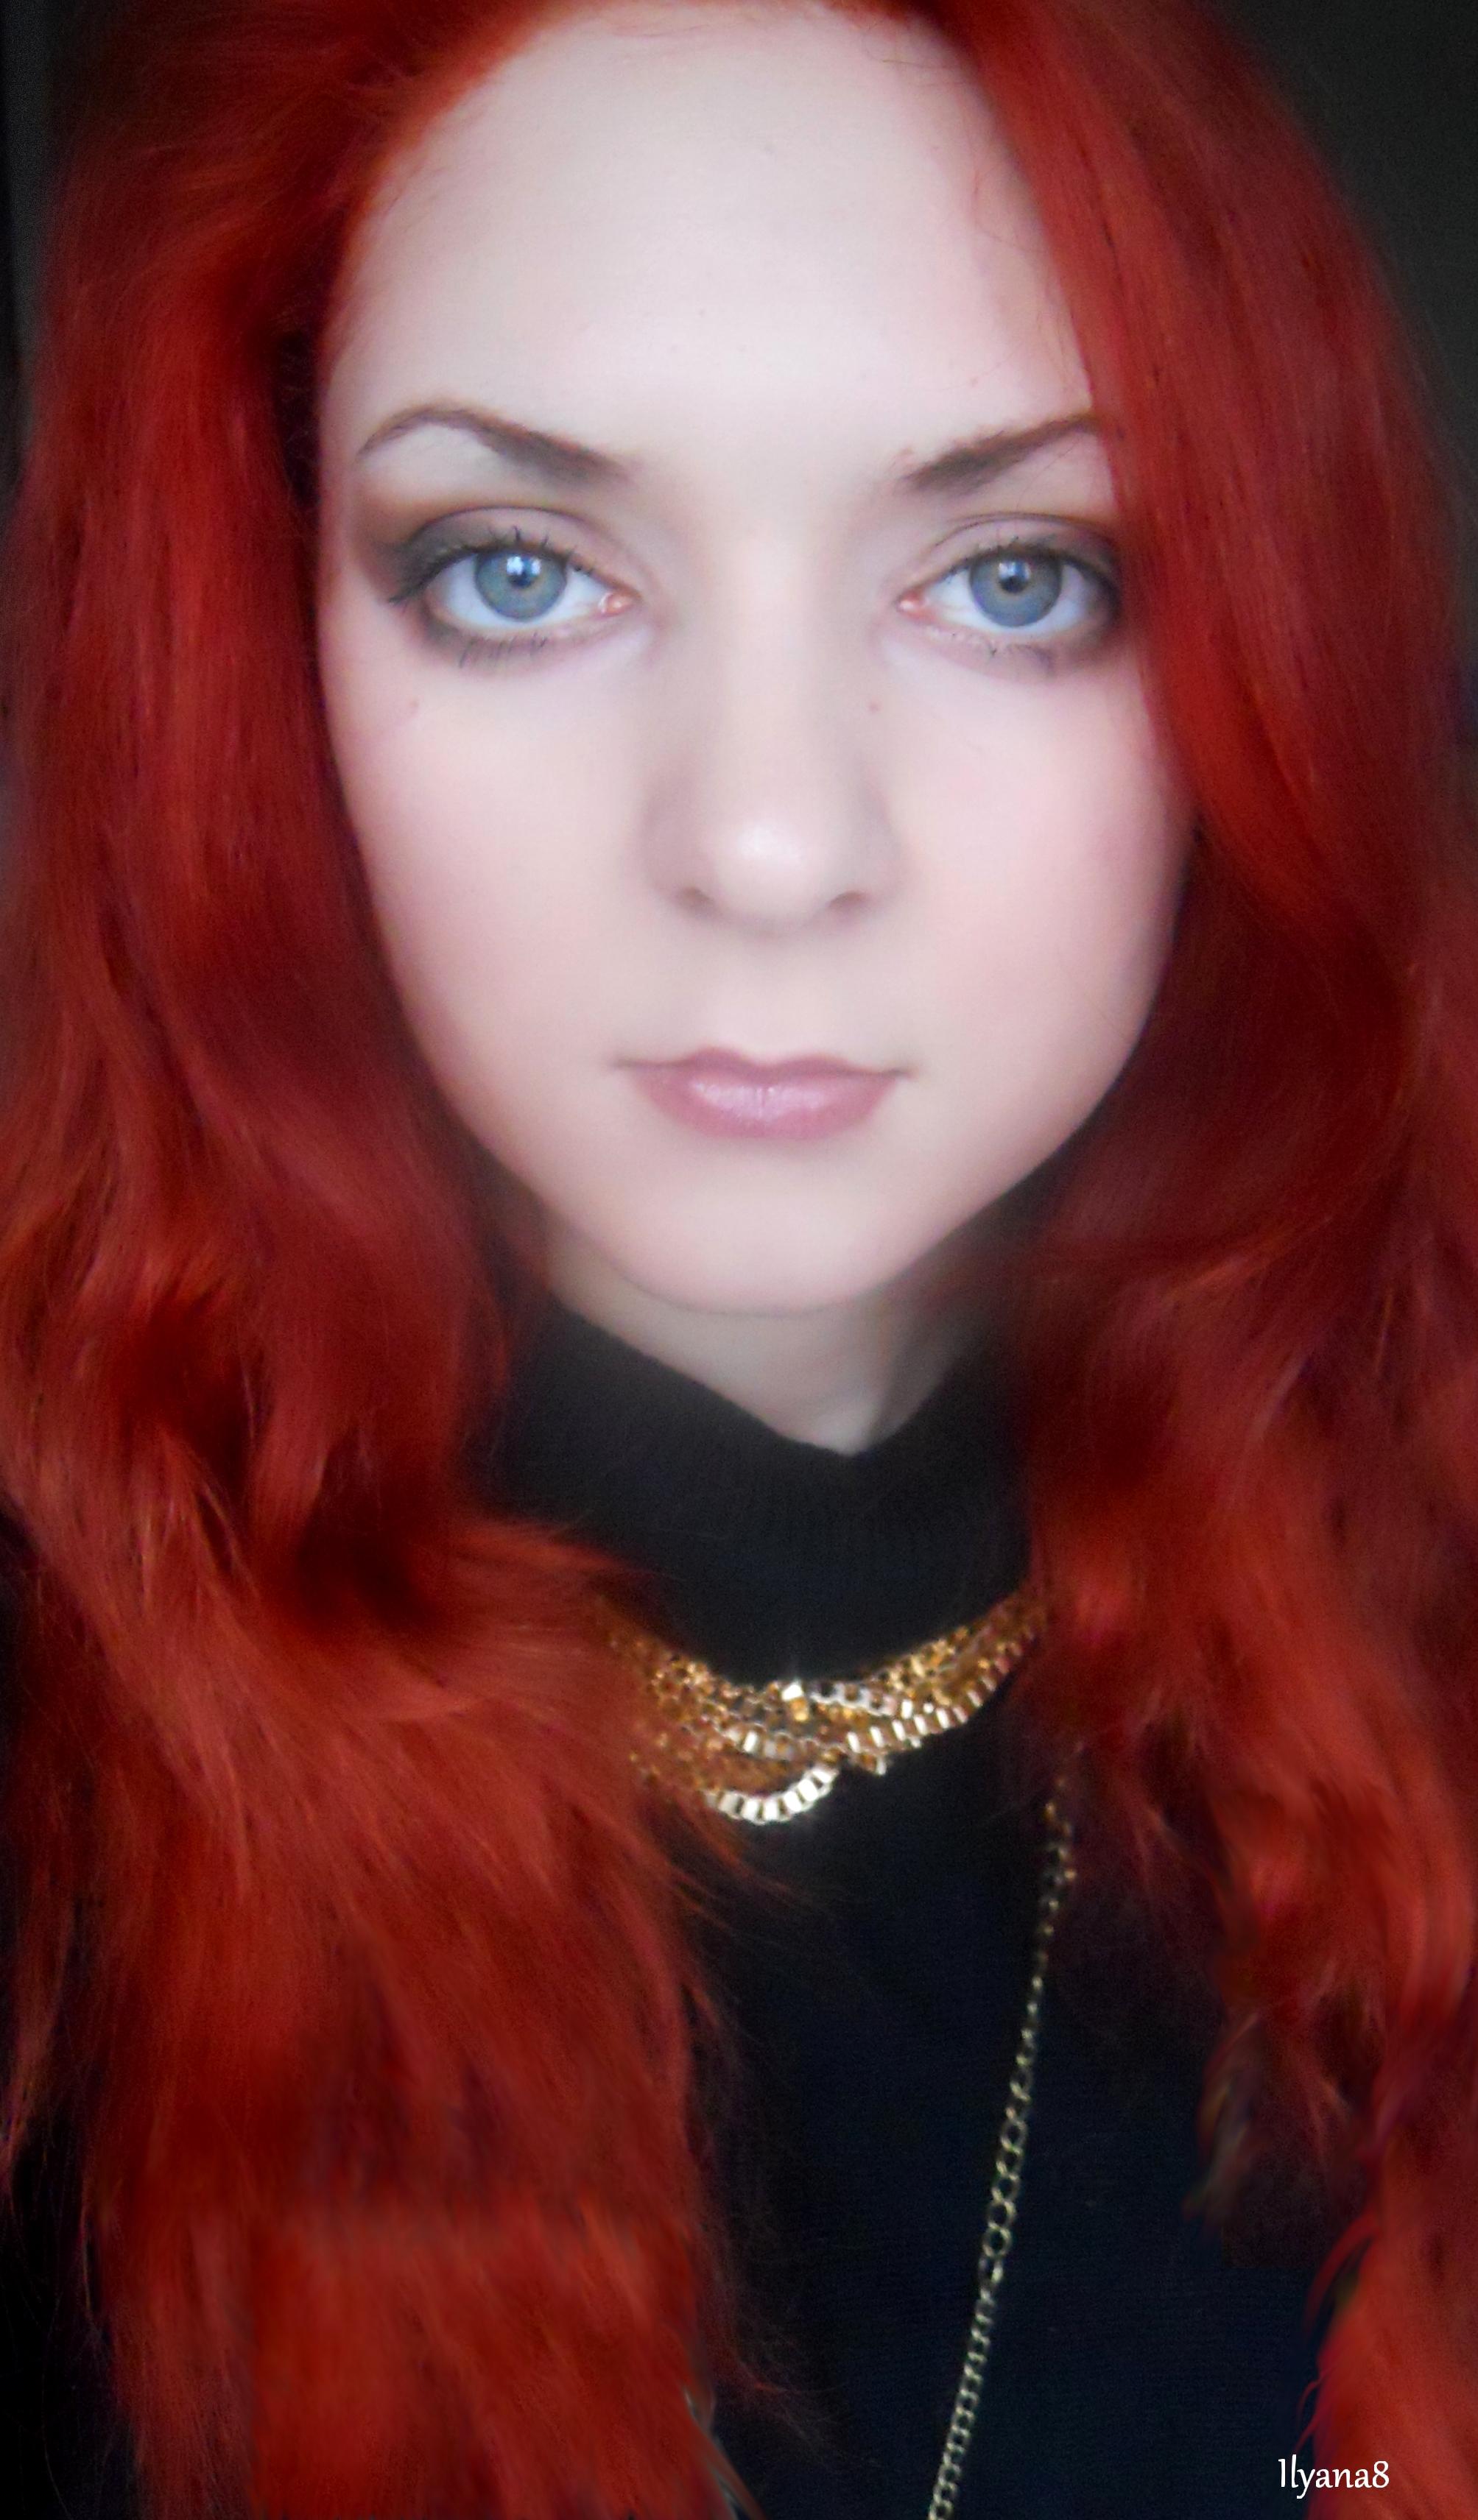 ilyana8's Profile Picture